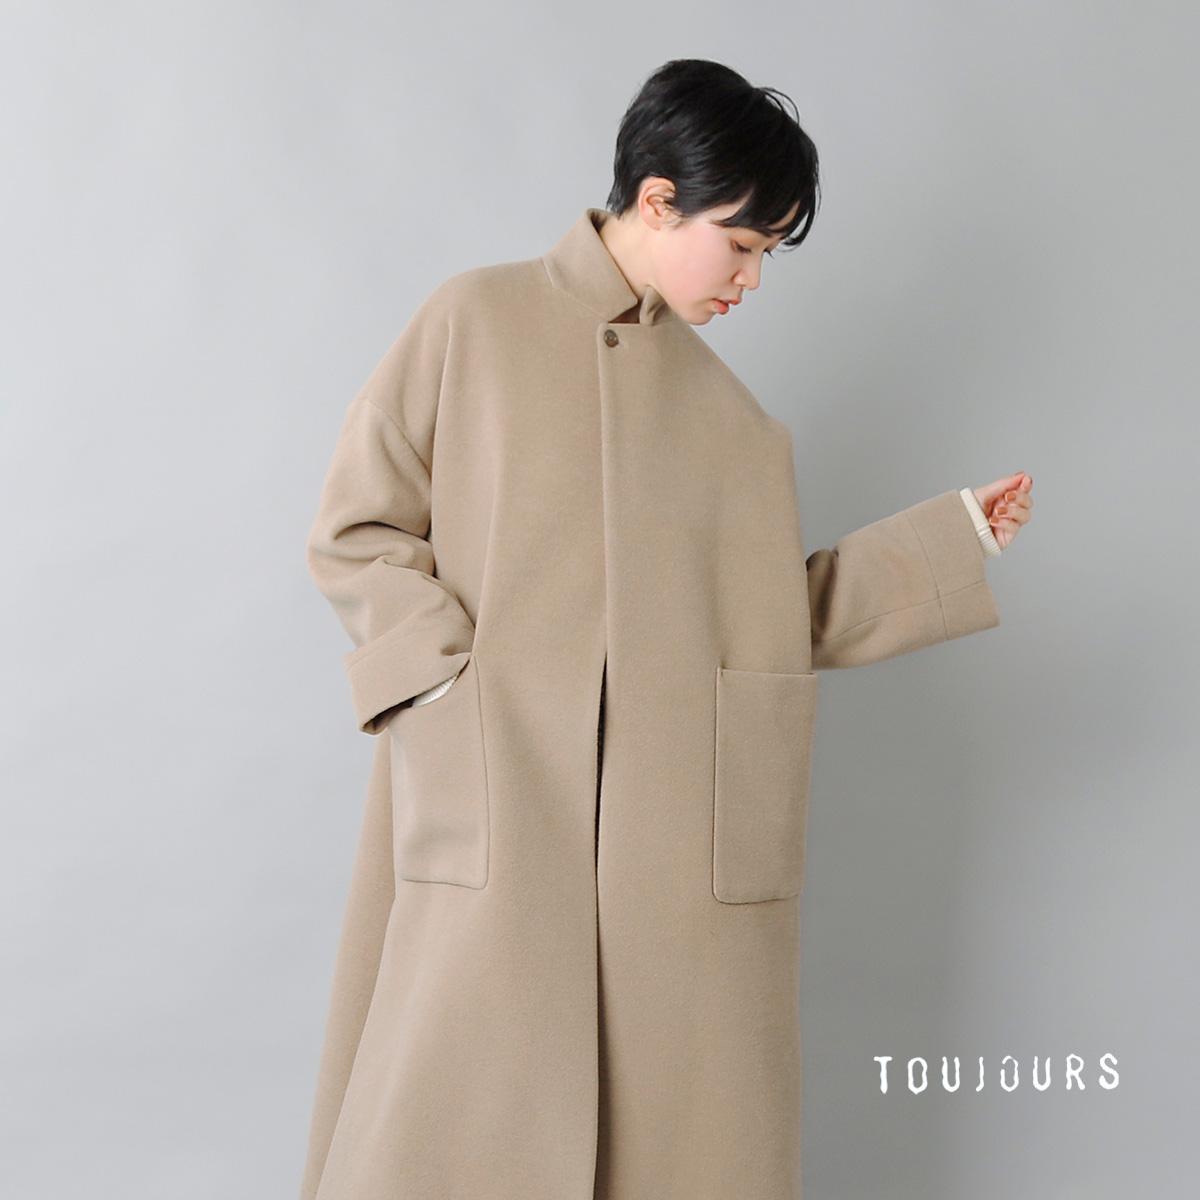 TOUJOURS(トゥジュー)ウールカシミヤサイドシームベンツコート dm33sc02